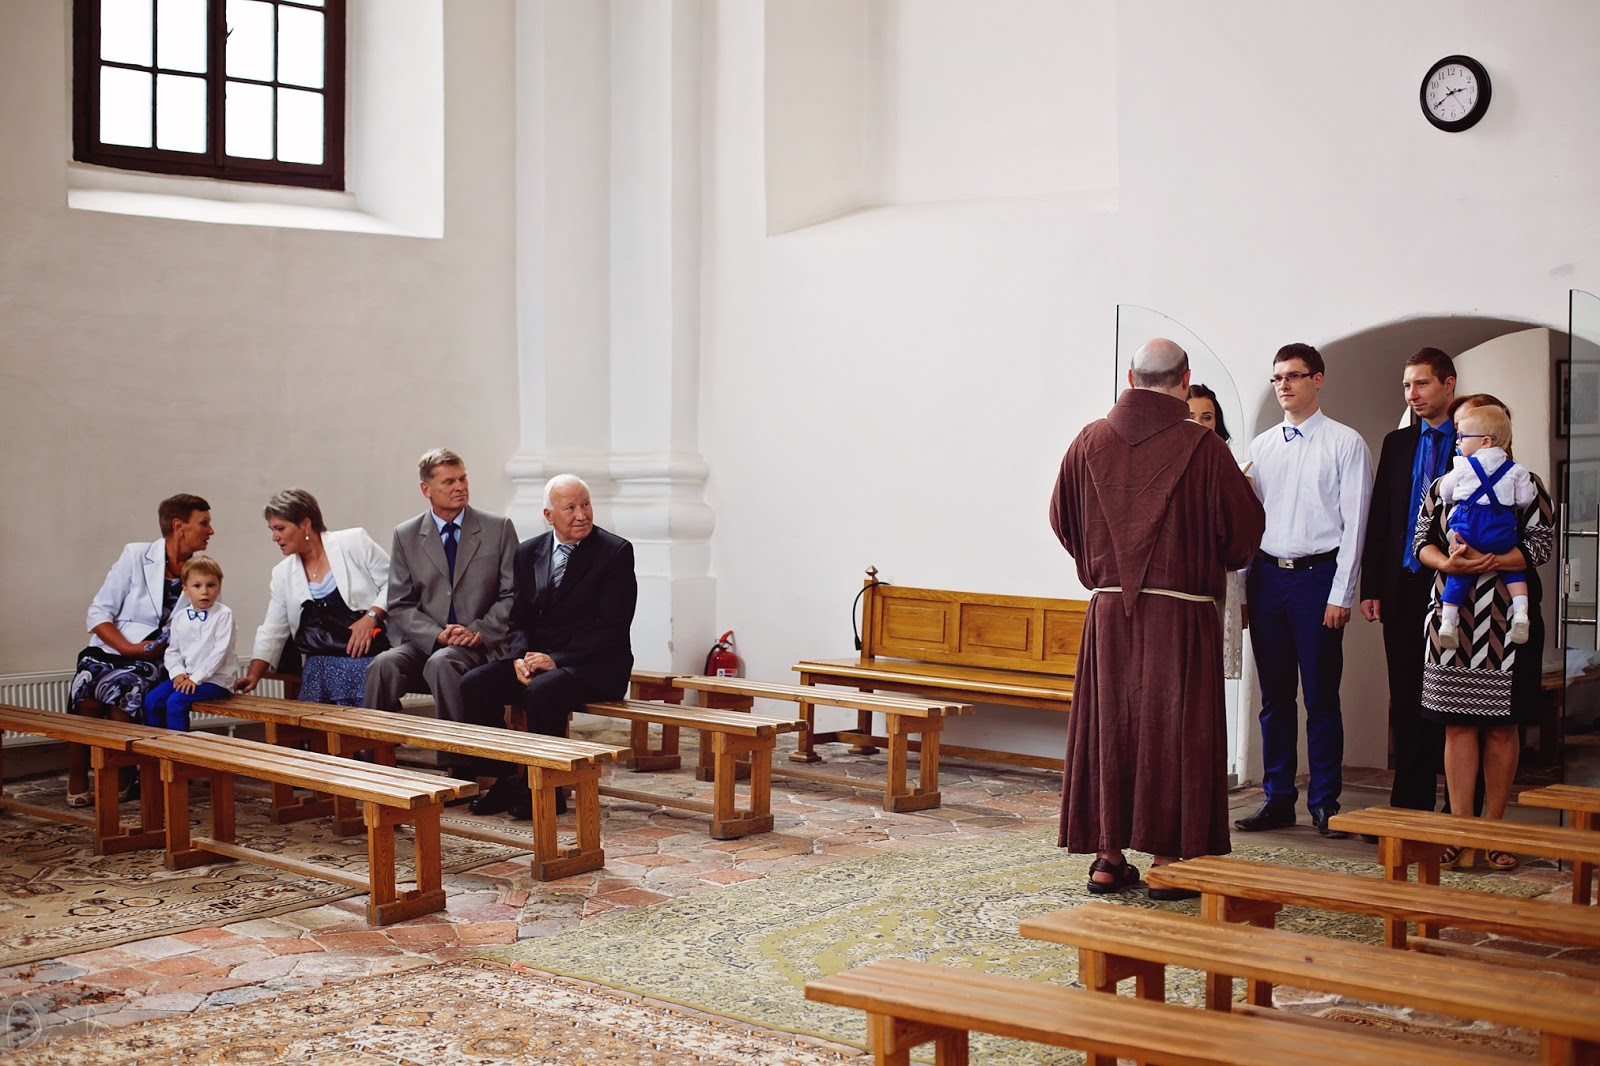 Krikštynų fotosesija Bernardinų bažnyčioje